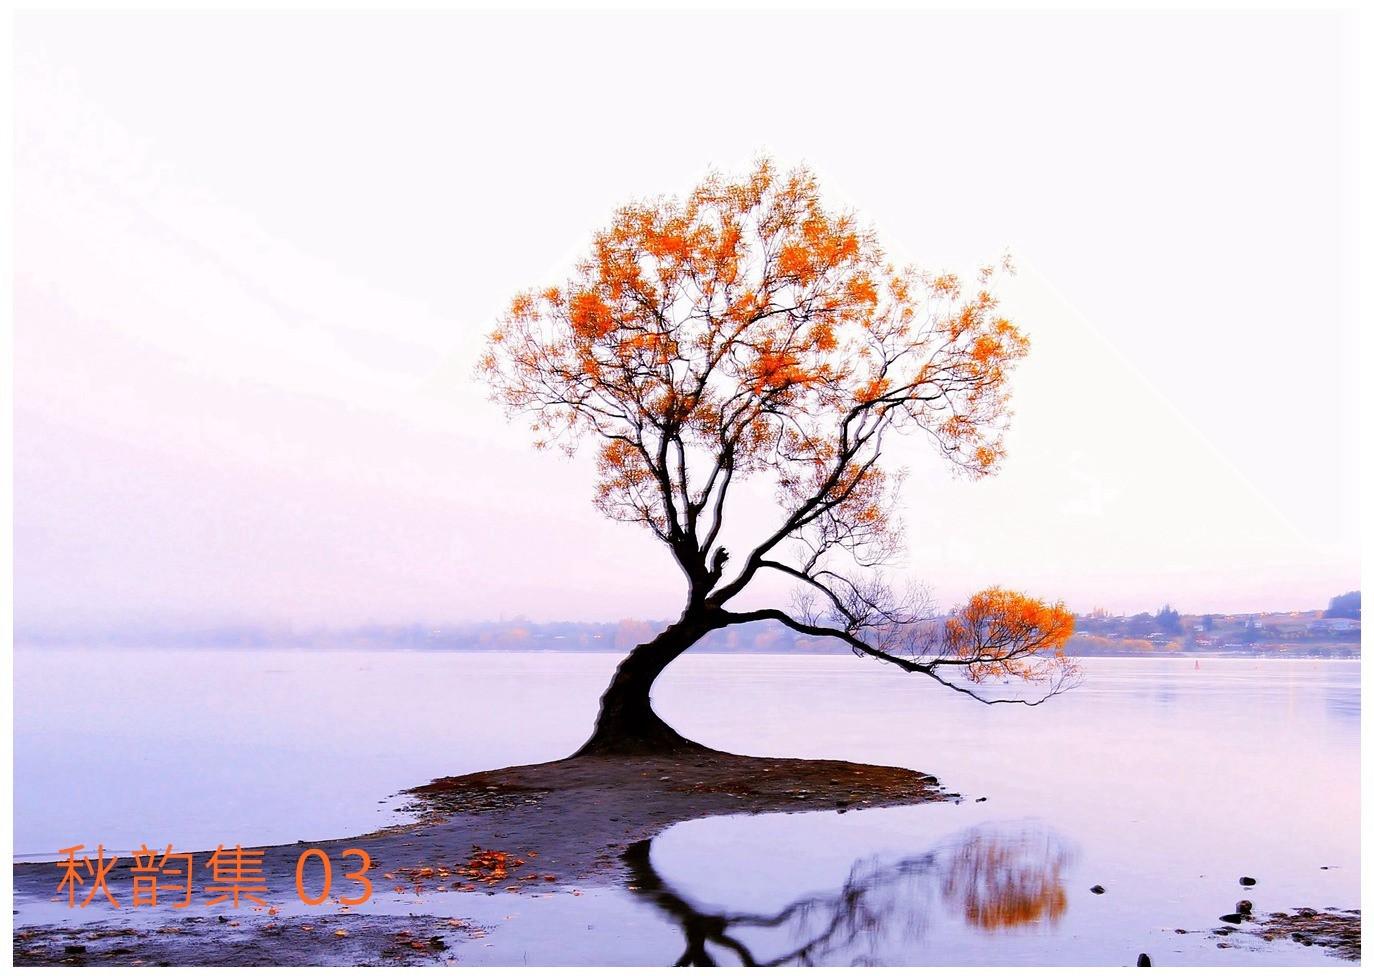 地球南温带的秋天_图1-2